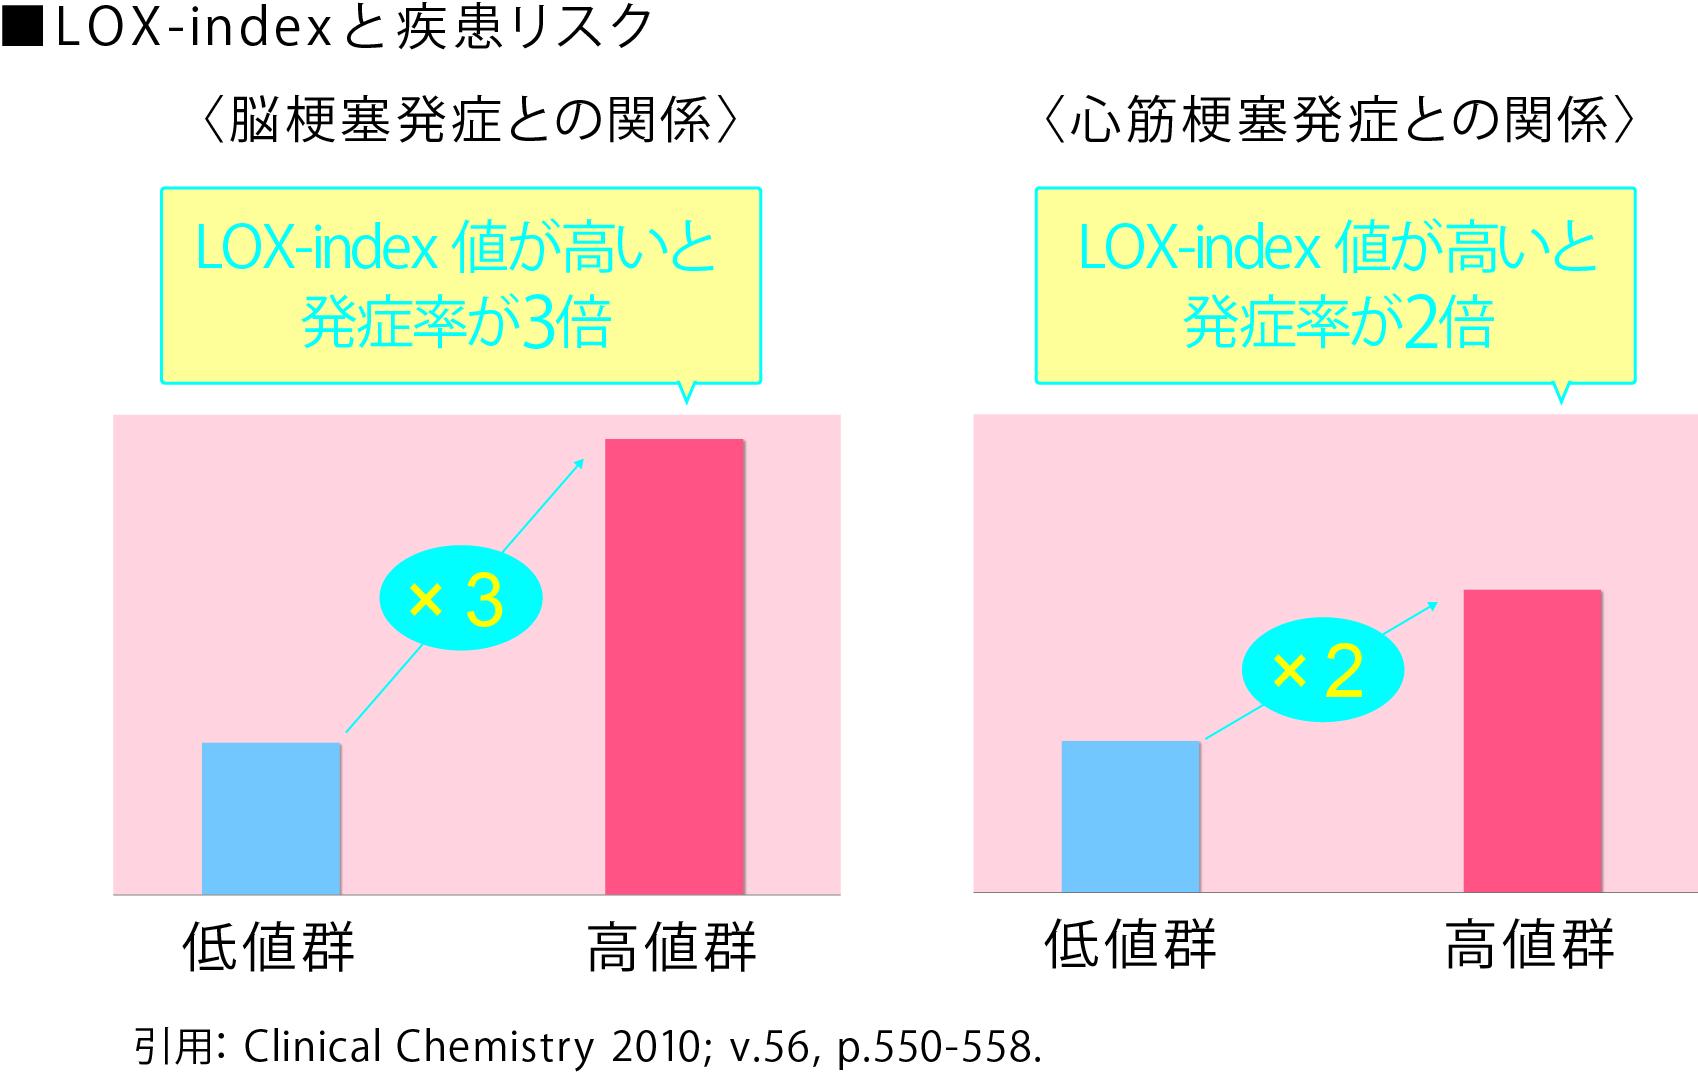 LOX-index 発症率1